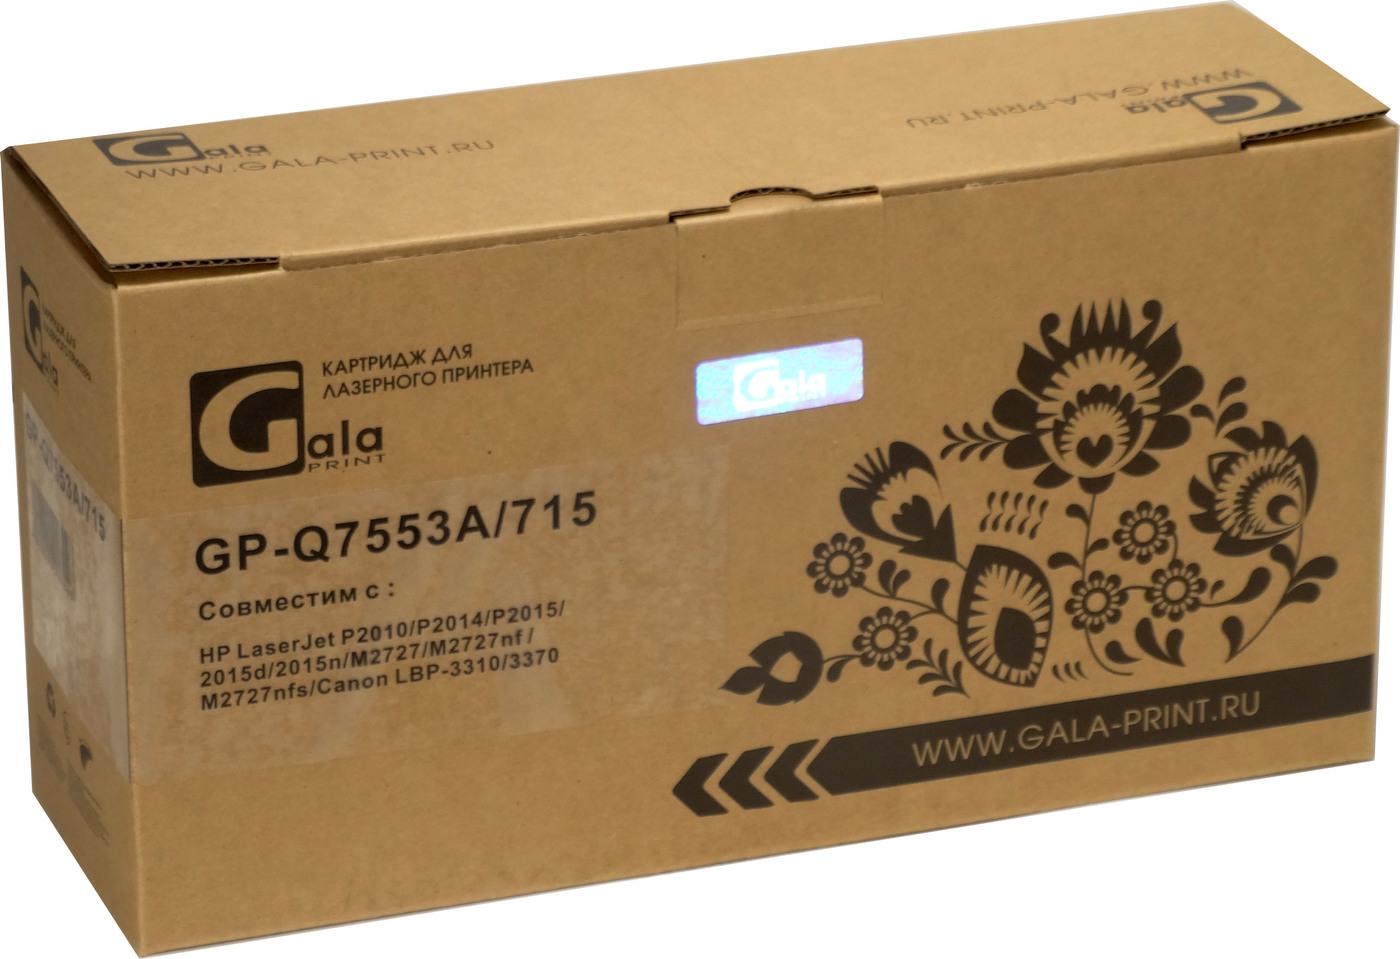 Картридж GalaPrint GP-Q7553A/715